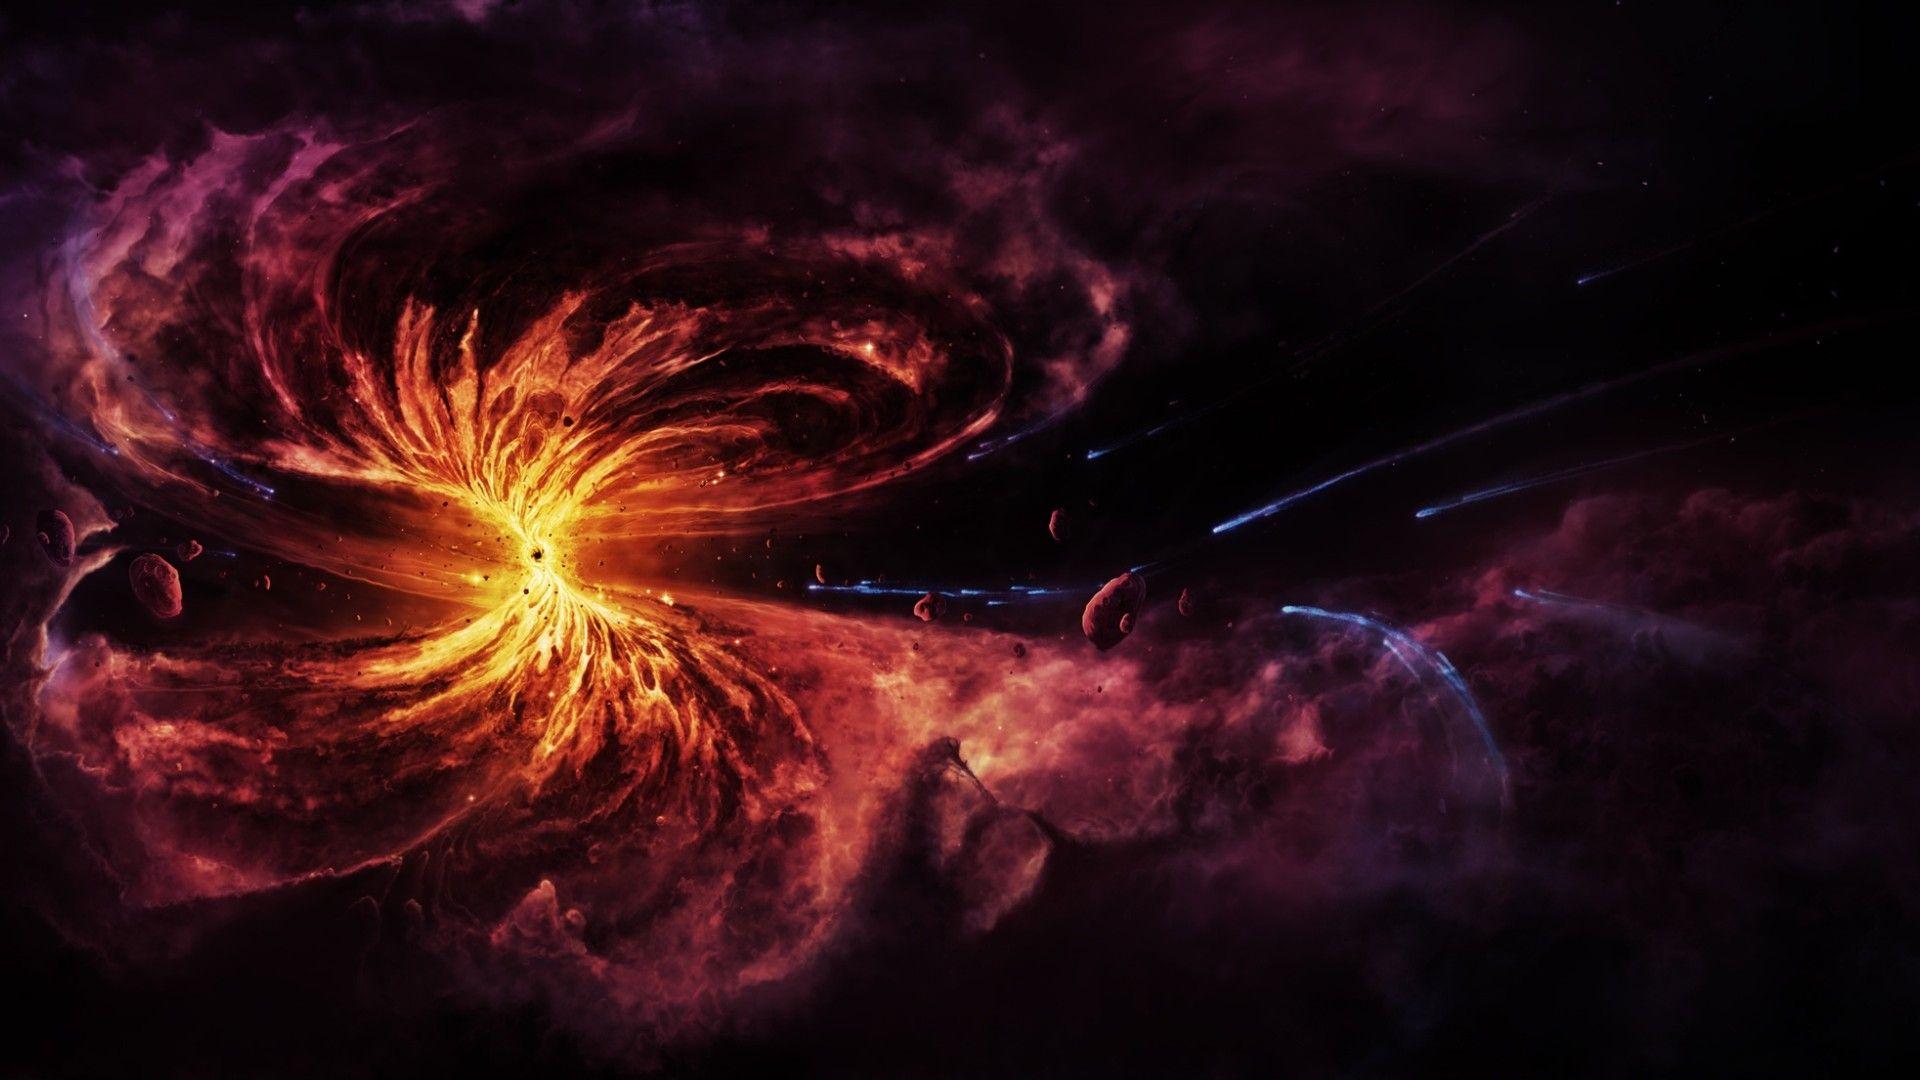 Quasar Black Hole Hd Wallpaper 1920x1080 Black Hole Wallpaper Black Hole Black Hole Sun